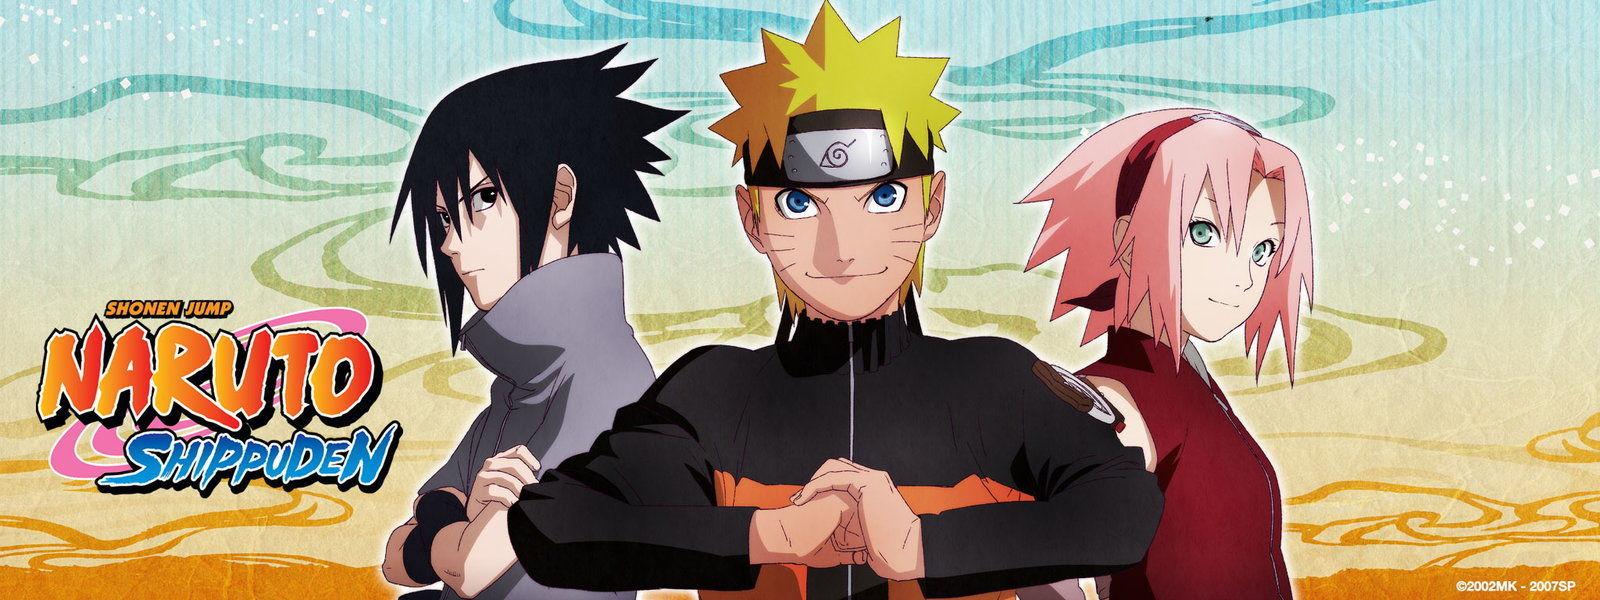 ¿De cuántos consta la primera temporada de Naruto?